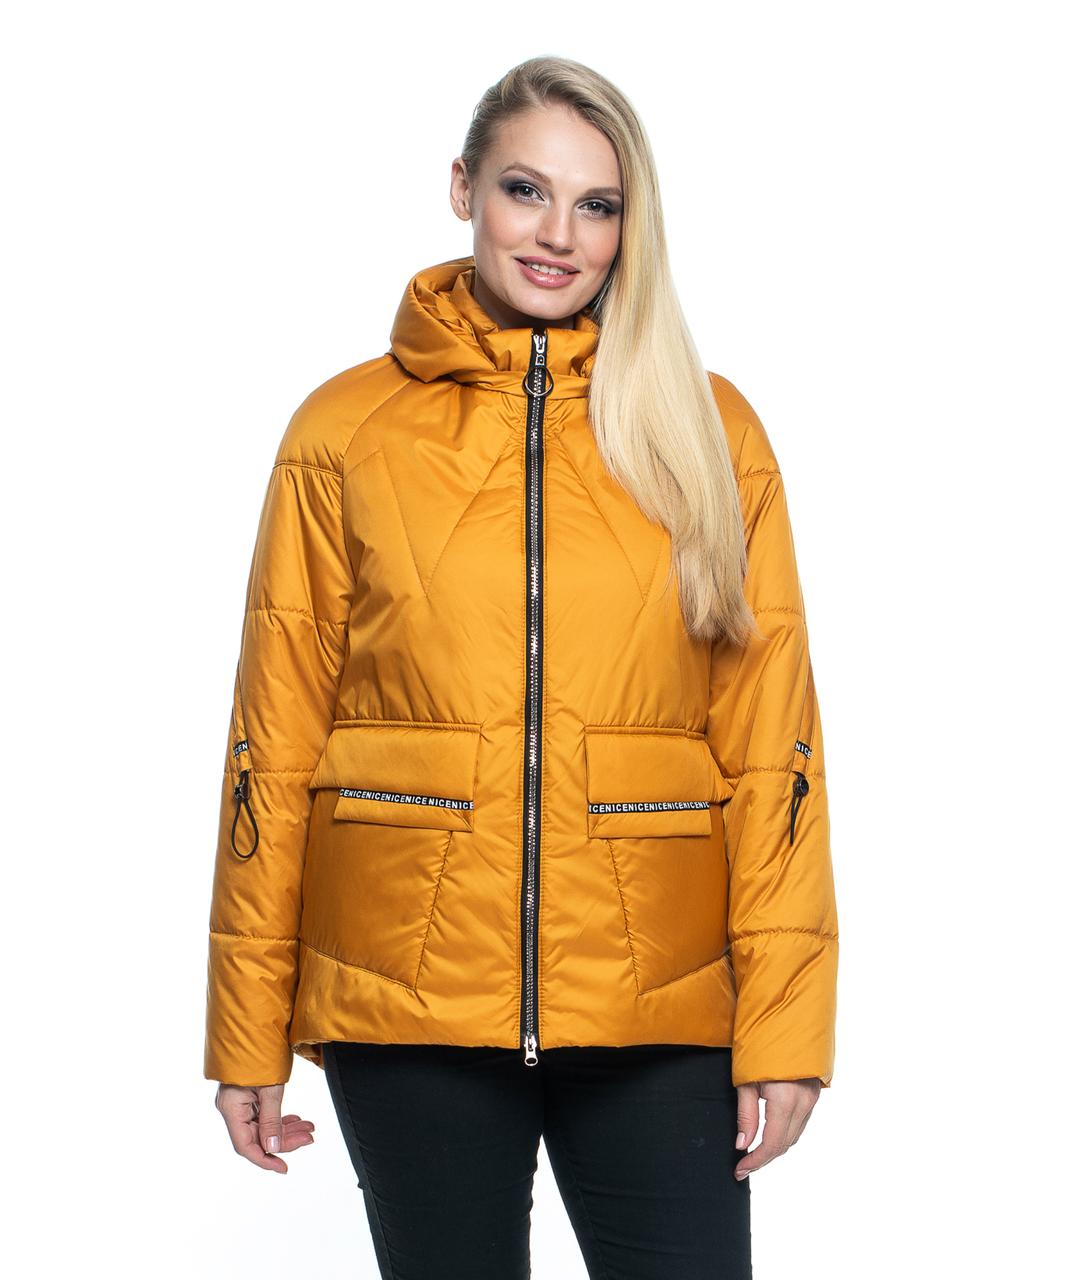 Стильная яркая молодёжная куртка демисезонная 103